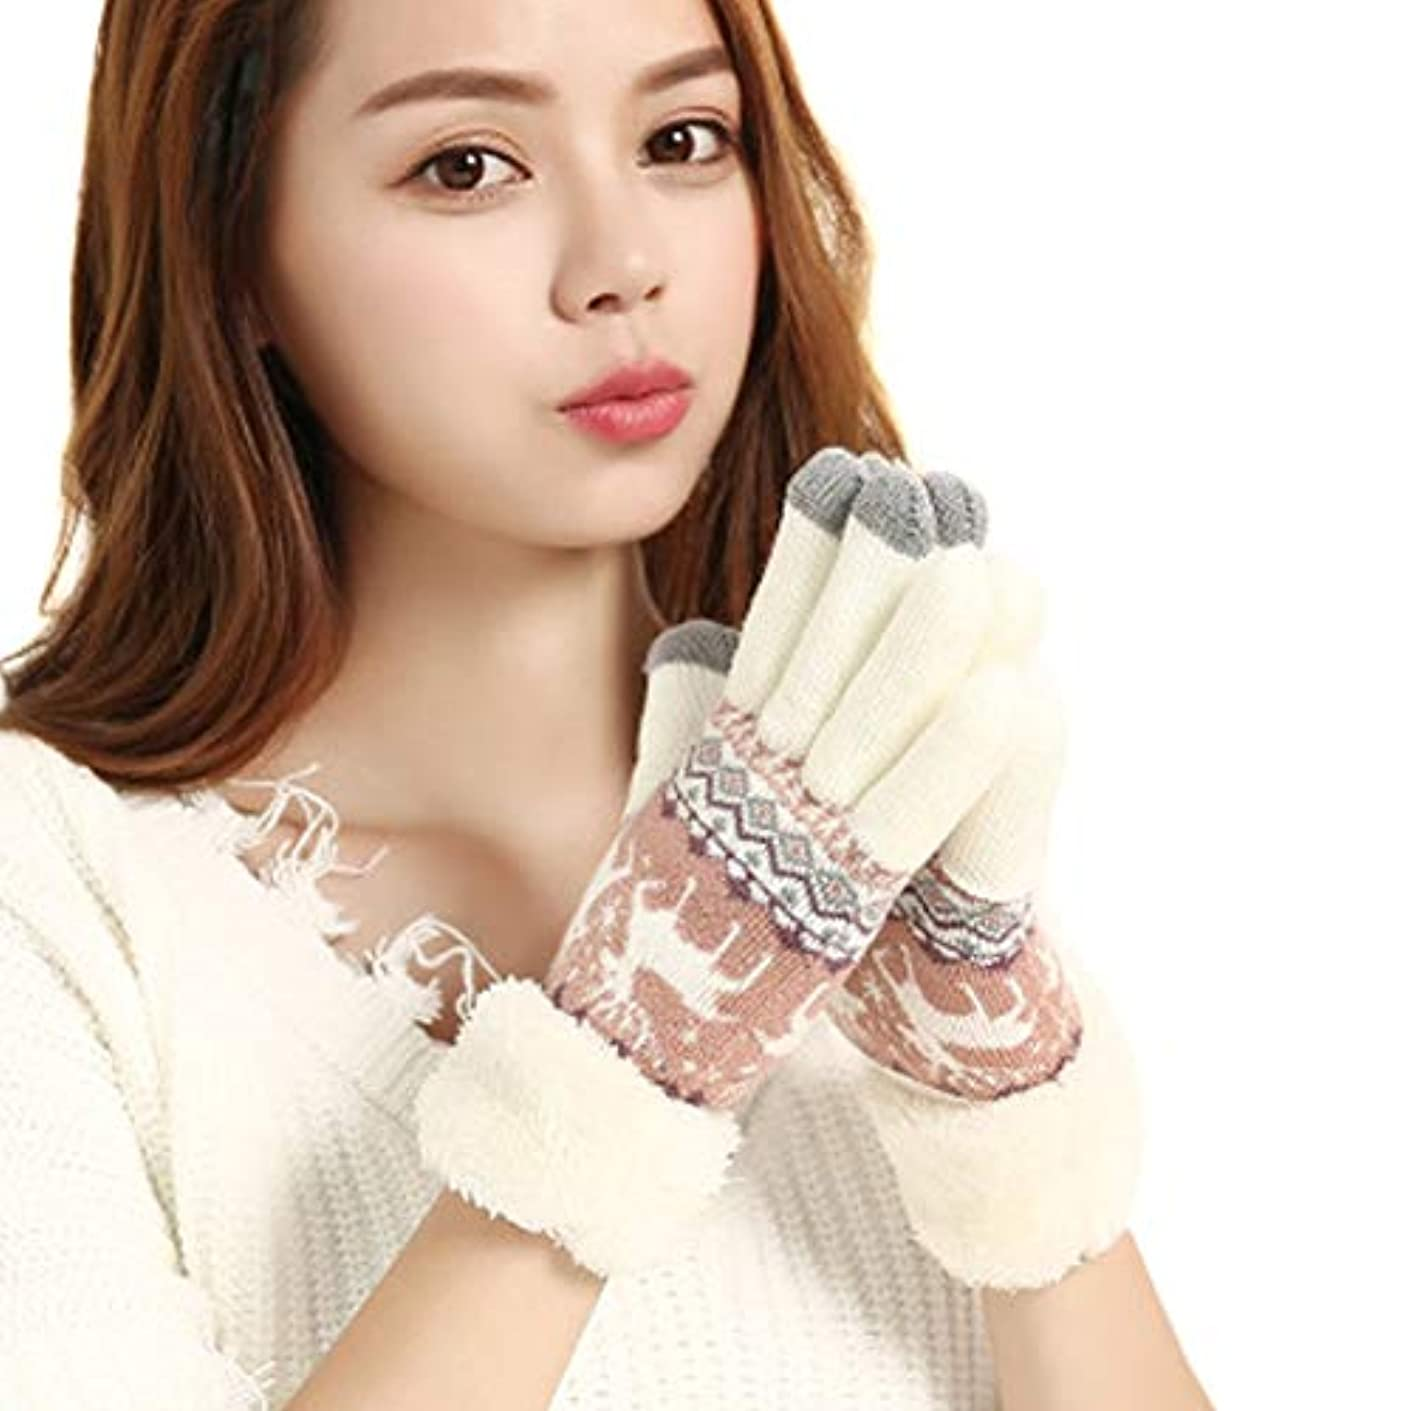 ランチョン苦イブニングTengfly Women Touchscreen Gloves, Winter Warm Knit Gloves,Soft Extra-Warm Fleece Touchscreen Gloves,Snow Flower...